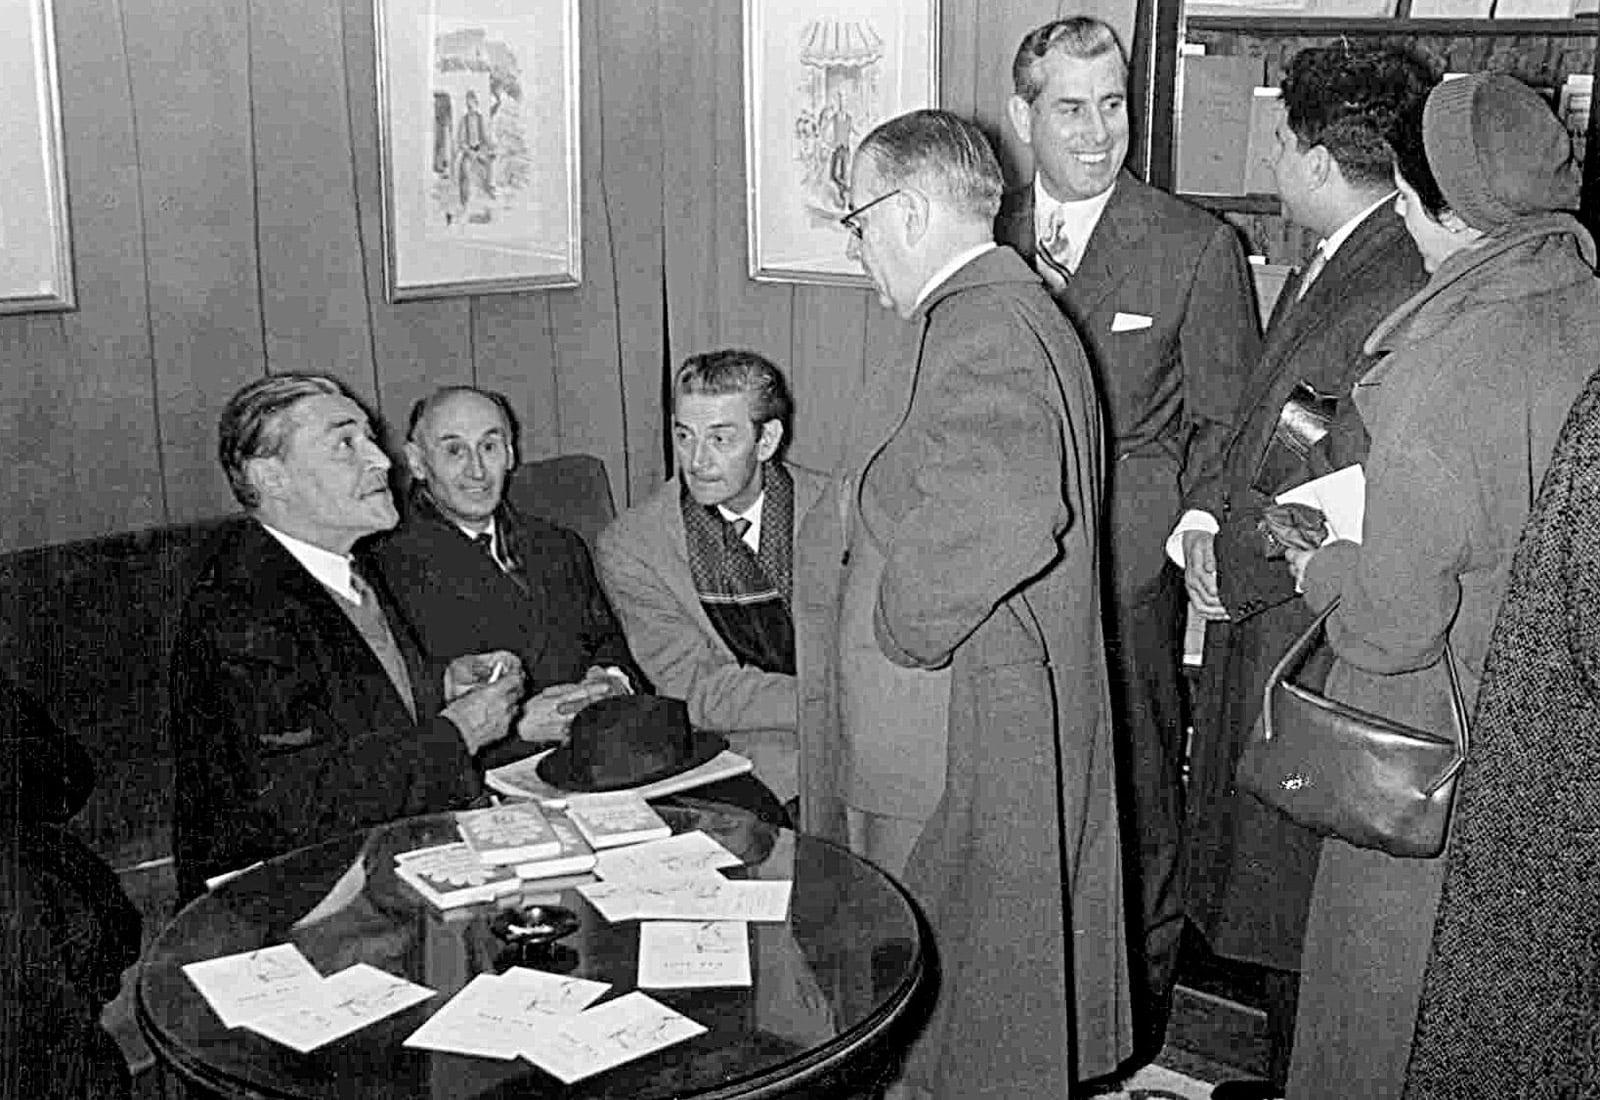 Josep Pla signant exemplars a la Casa del Libro, el 1955. Fotografia de Josep Postius. Fundació Josep Pla. Col·lecció Sebastià Borràs.